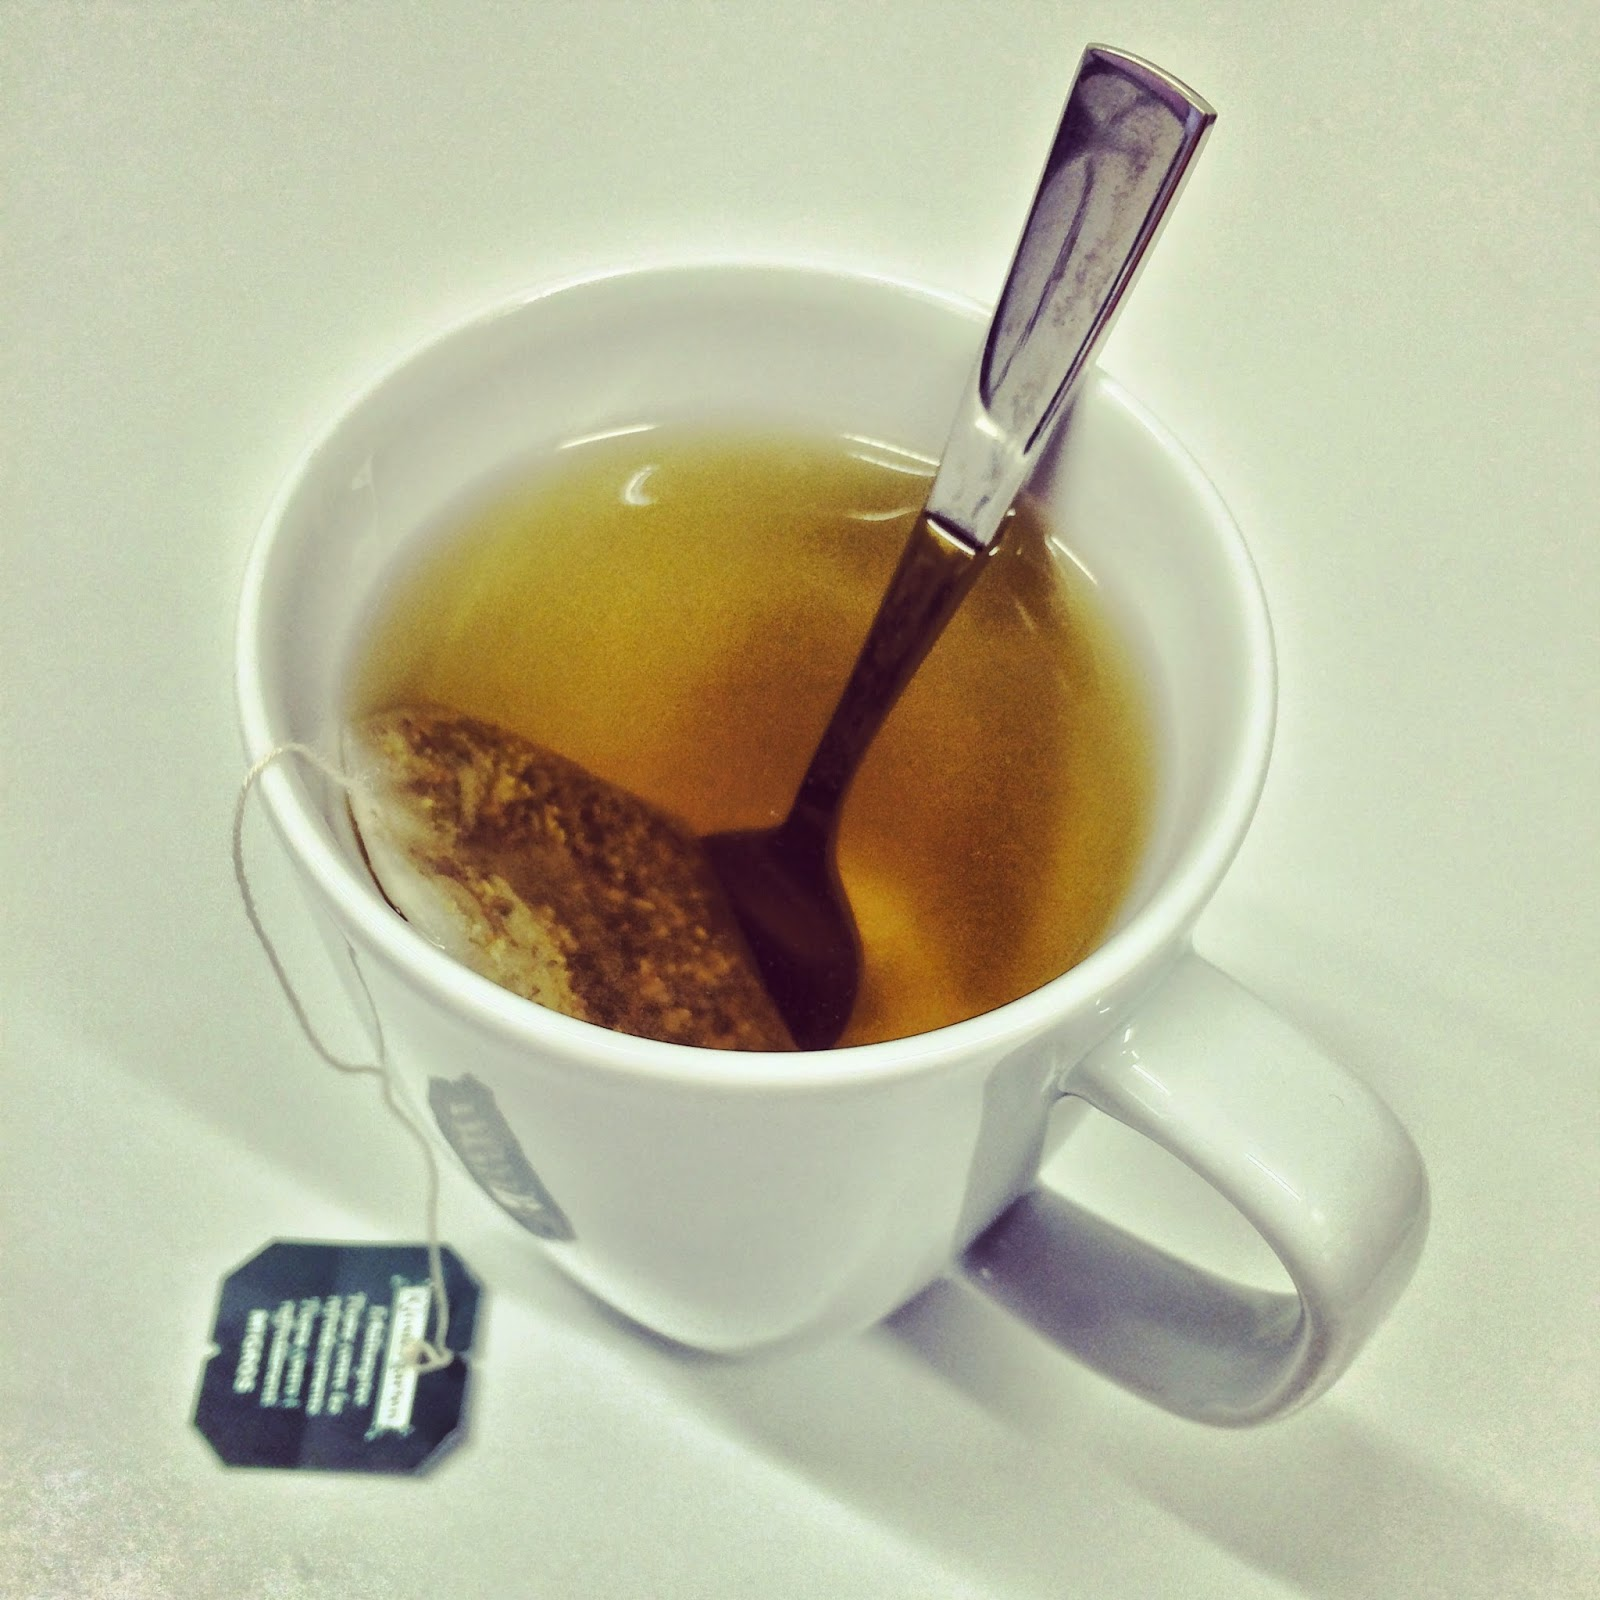 Magischer Tee aus Asien, Familie, Kinder, Reichtum, Geld, Freude, Magic Tea from asia, family, children, wealth, money, pleasure